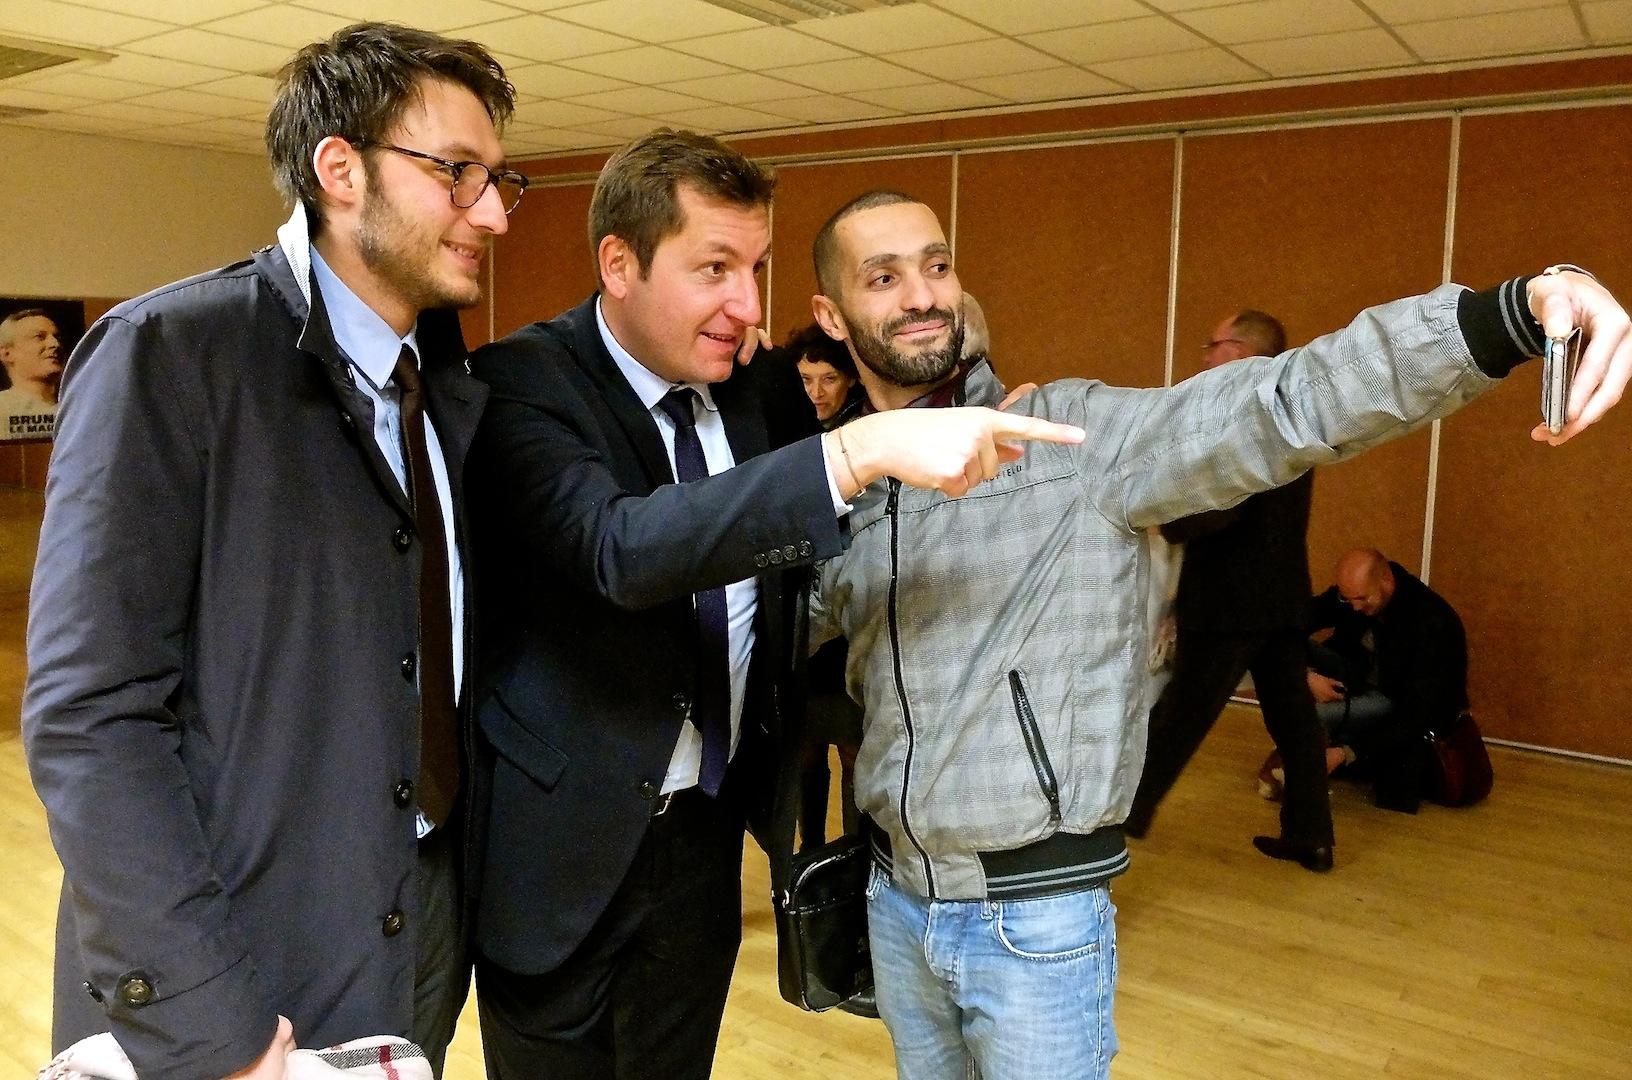 Alain Chrétien sacrifiant au selfie avec des sympathisants...  (photos Daniel Bordur)